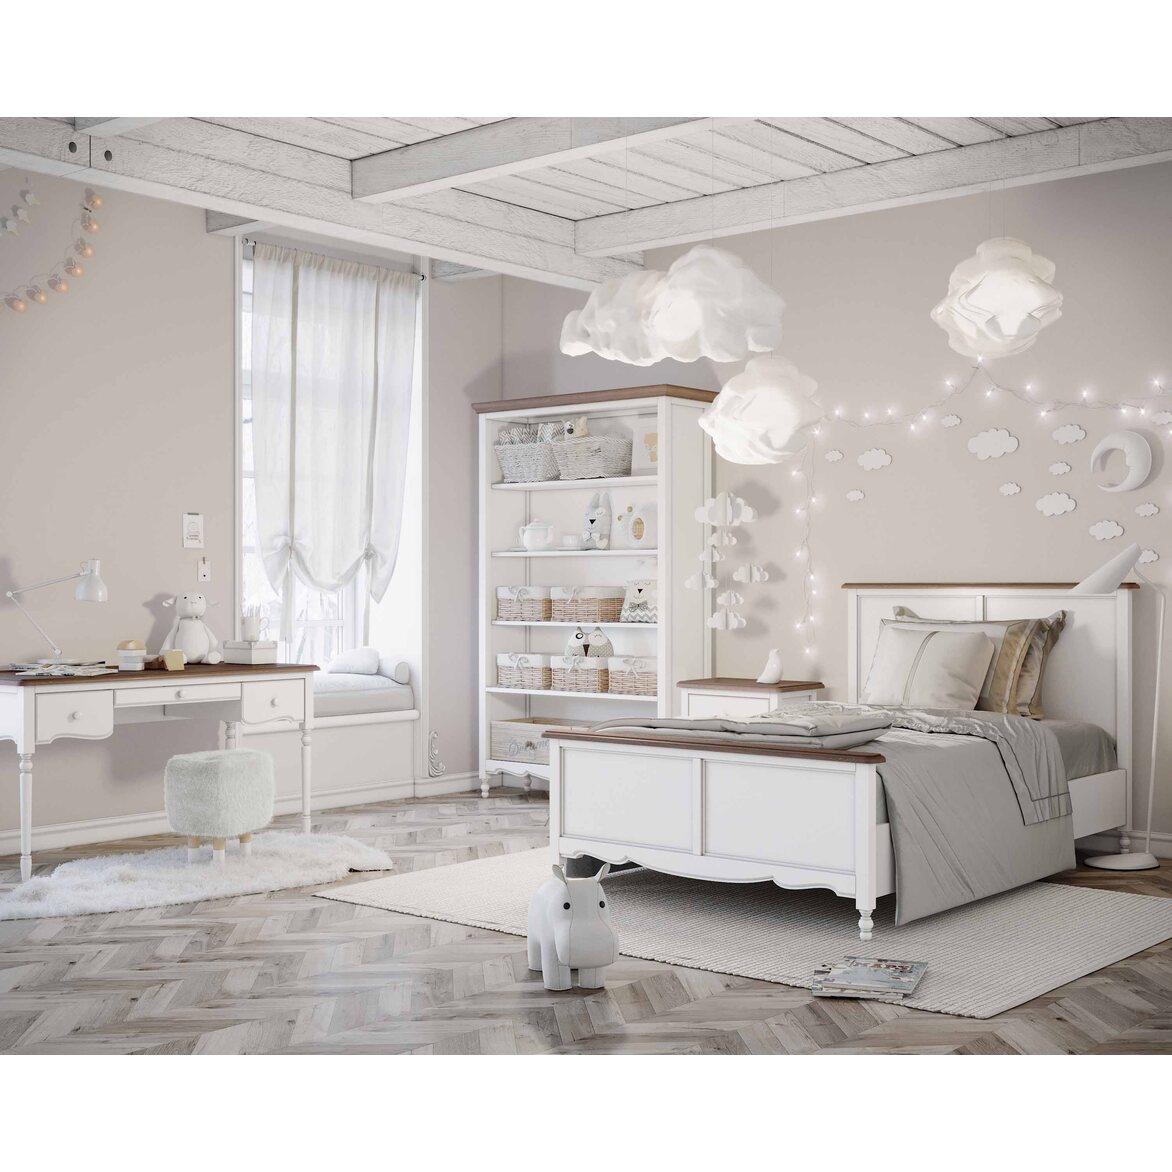 Кровать односпальная 120*200 Leblanc, белая 3 | Односпальные кровати Kingsby